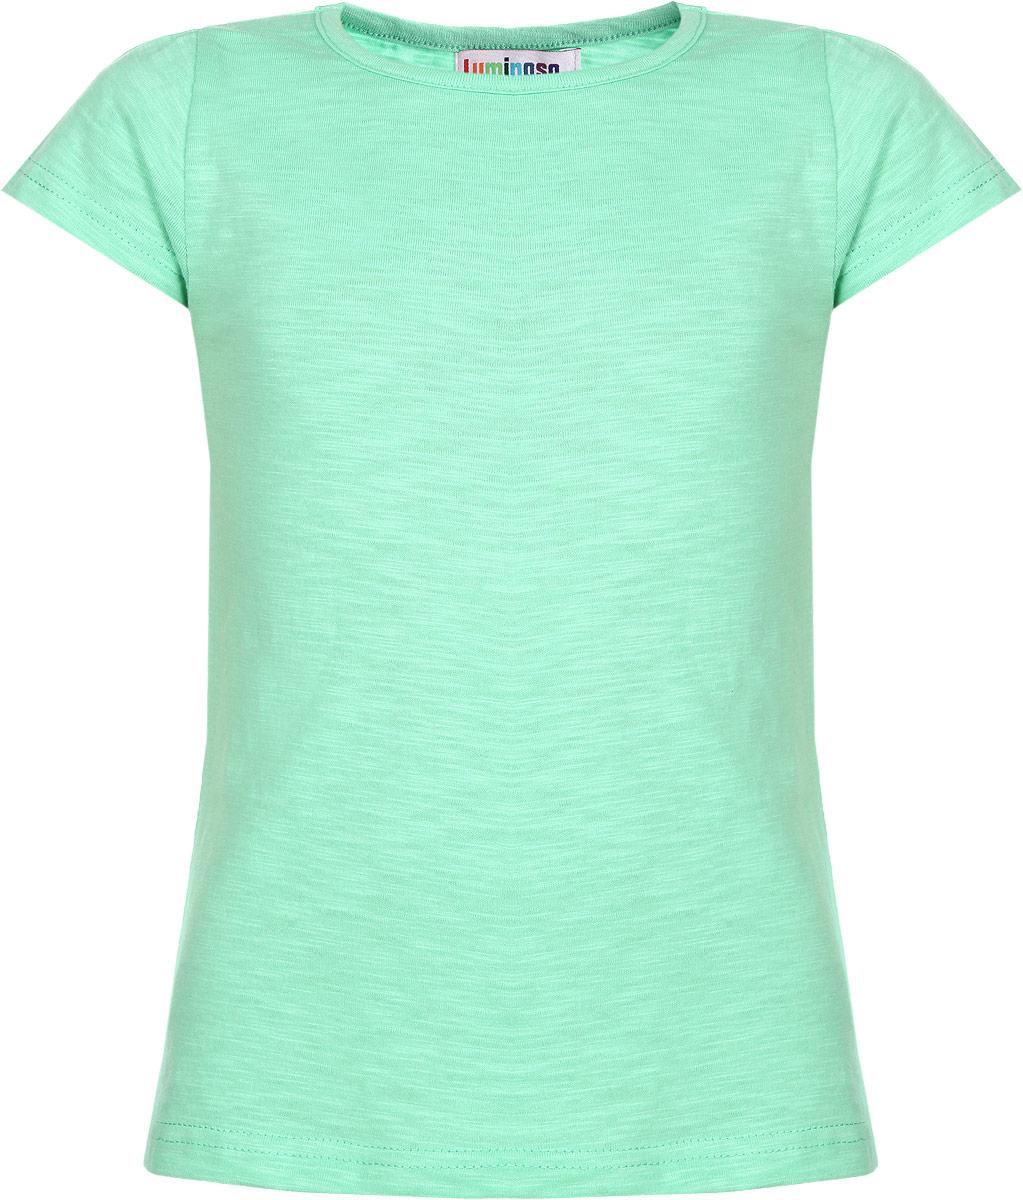 Футболка195857Очаровательная футболка для девочки Luminoso идеально подойдет вашей доченьке. Изготовленная из натурального хлопка, она необычайно мягкая и приятная на ощупь, не сковывает движения и позволяет коже дышать, не раздражает даже самую нежную и чувствительную кожу ребенка, обеспечивая ему наибольший комфорт. Футболка с короткими рукавами и круглым вырезом горловины выполнена трапециевидным кроем. Рукава по линии плеча дополнены сборкой. Оригинальный современный дизайн и расцветка делают эту футболку модным и стильным предметом детского гардероба. В ней ваша юная модница будет чувствовать себя уютно и комфортно и всегда будет в центре внимания!